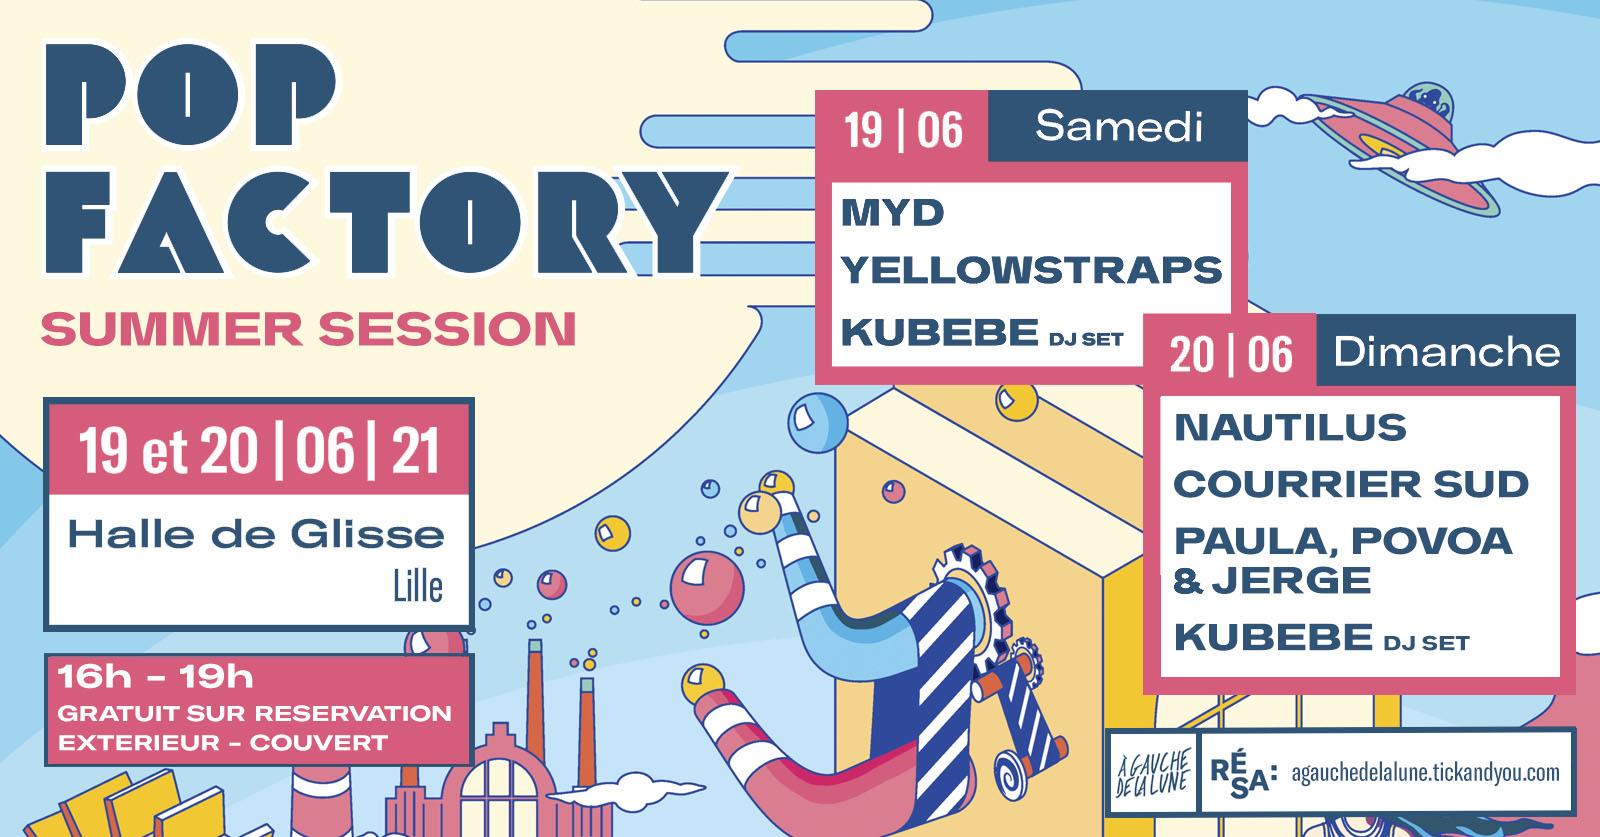 Pop Factory nous offre une Summer Session en attendant la rentrée !